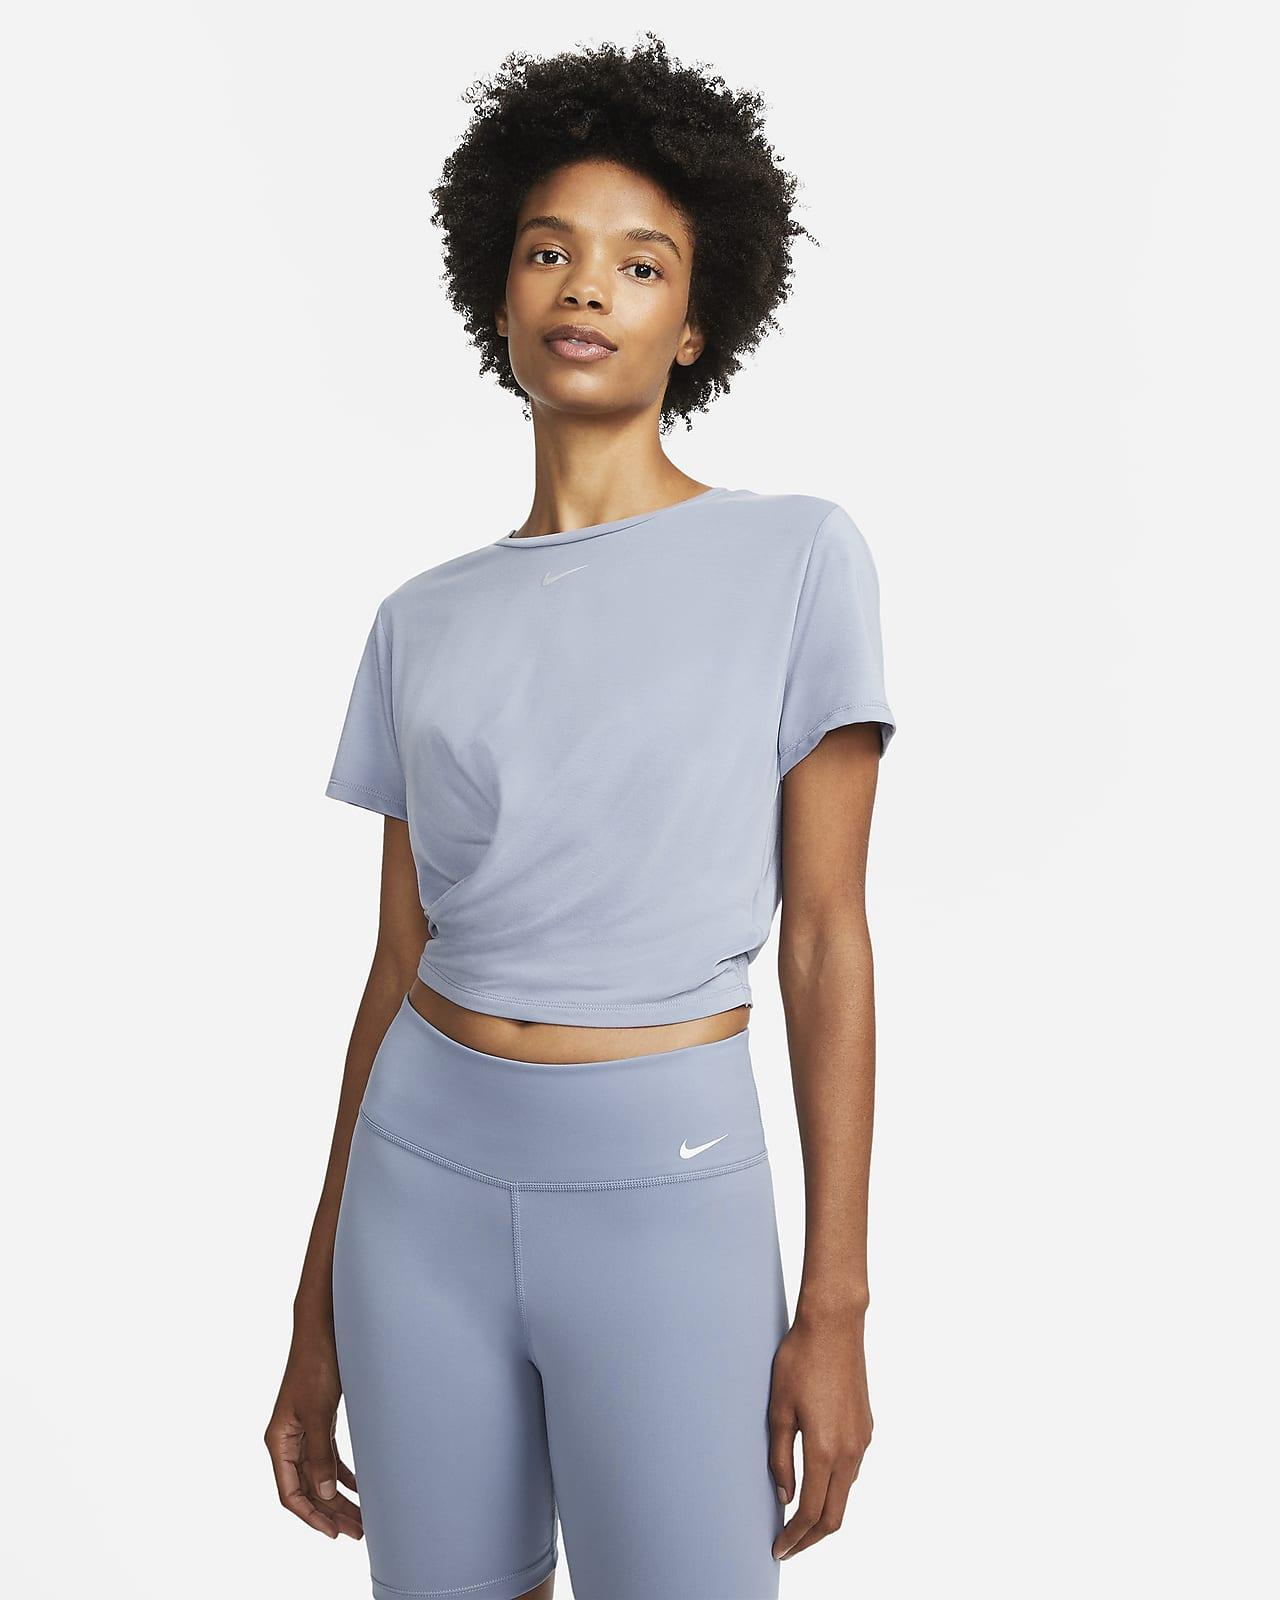 Nike Dri-FIT One Luxe Women's Twist Standard Fit Short-Sleeve Top